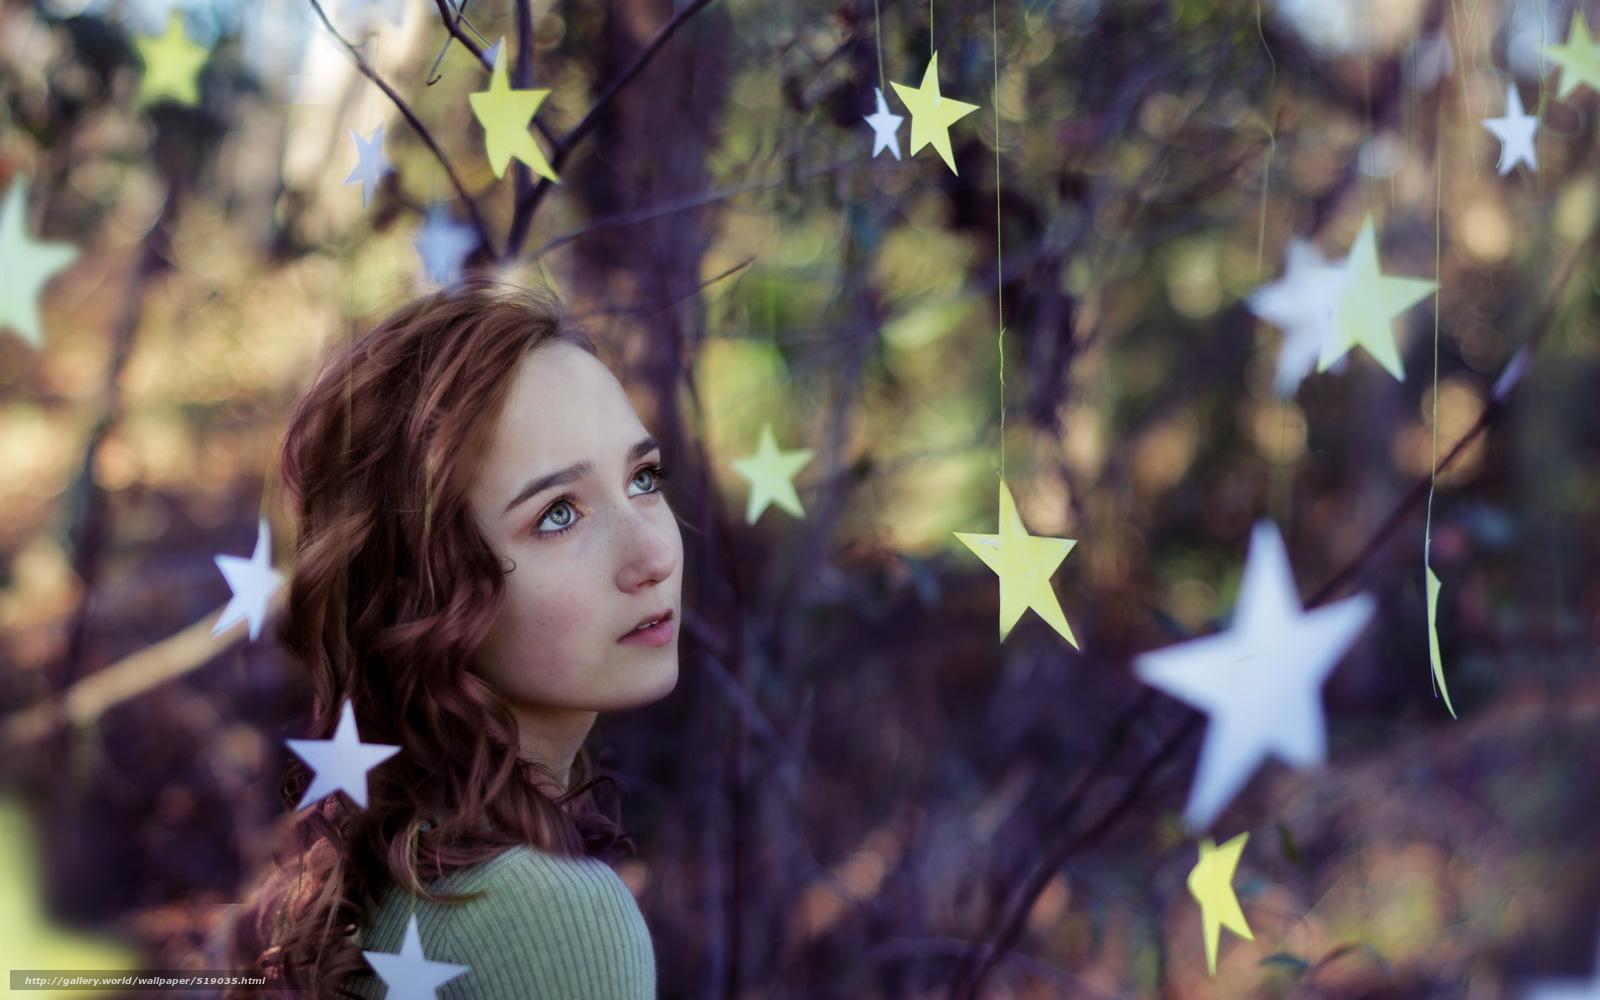 Звезда из девушек